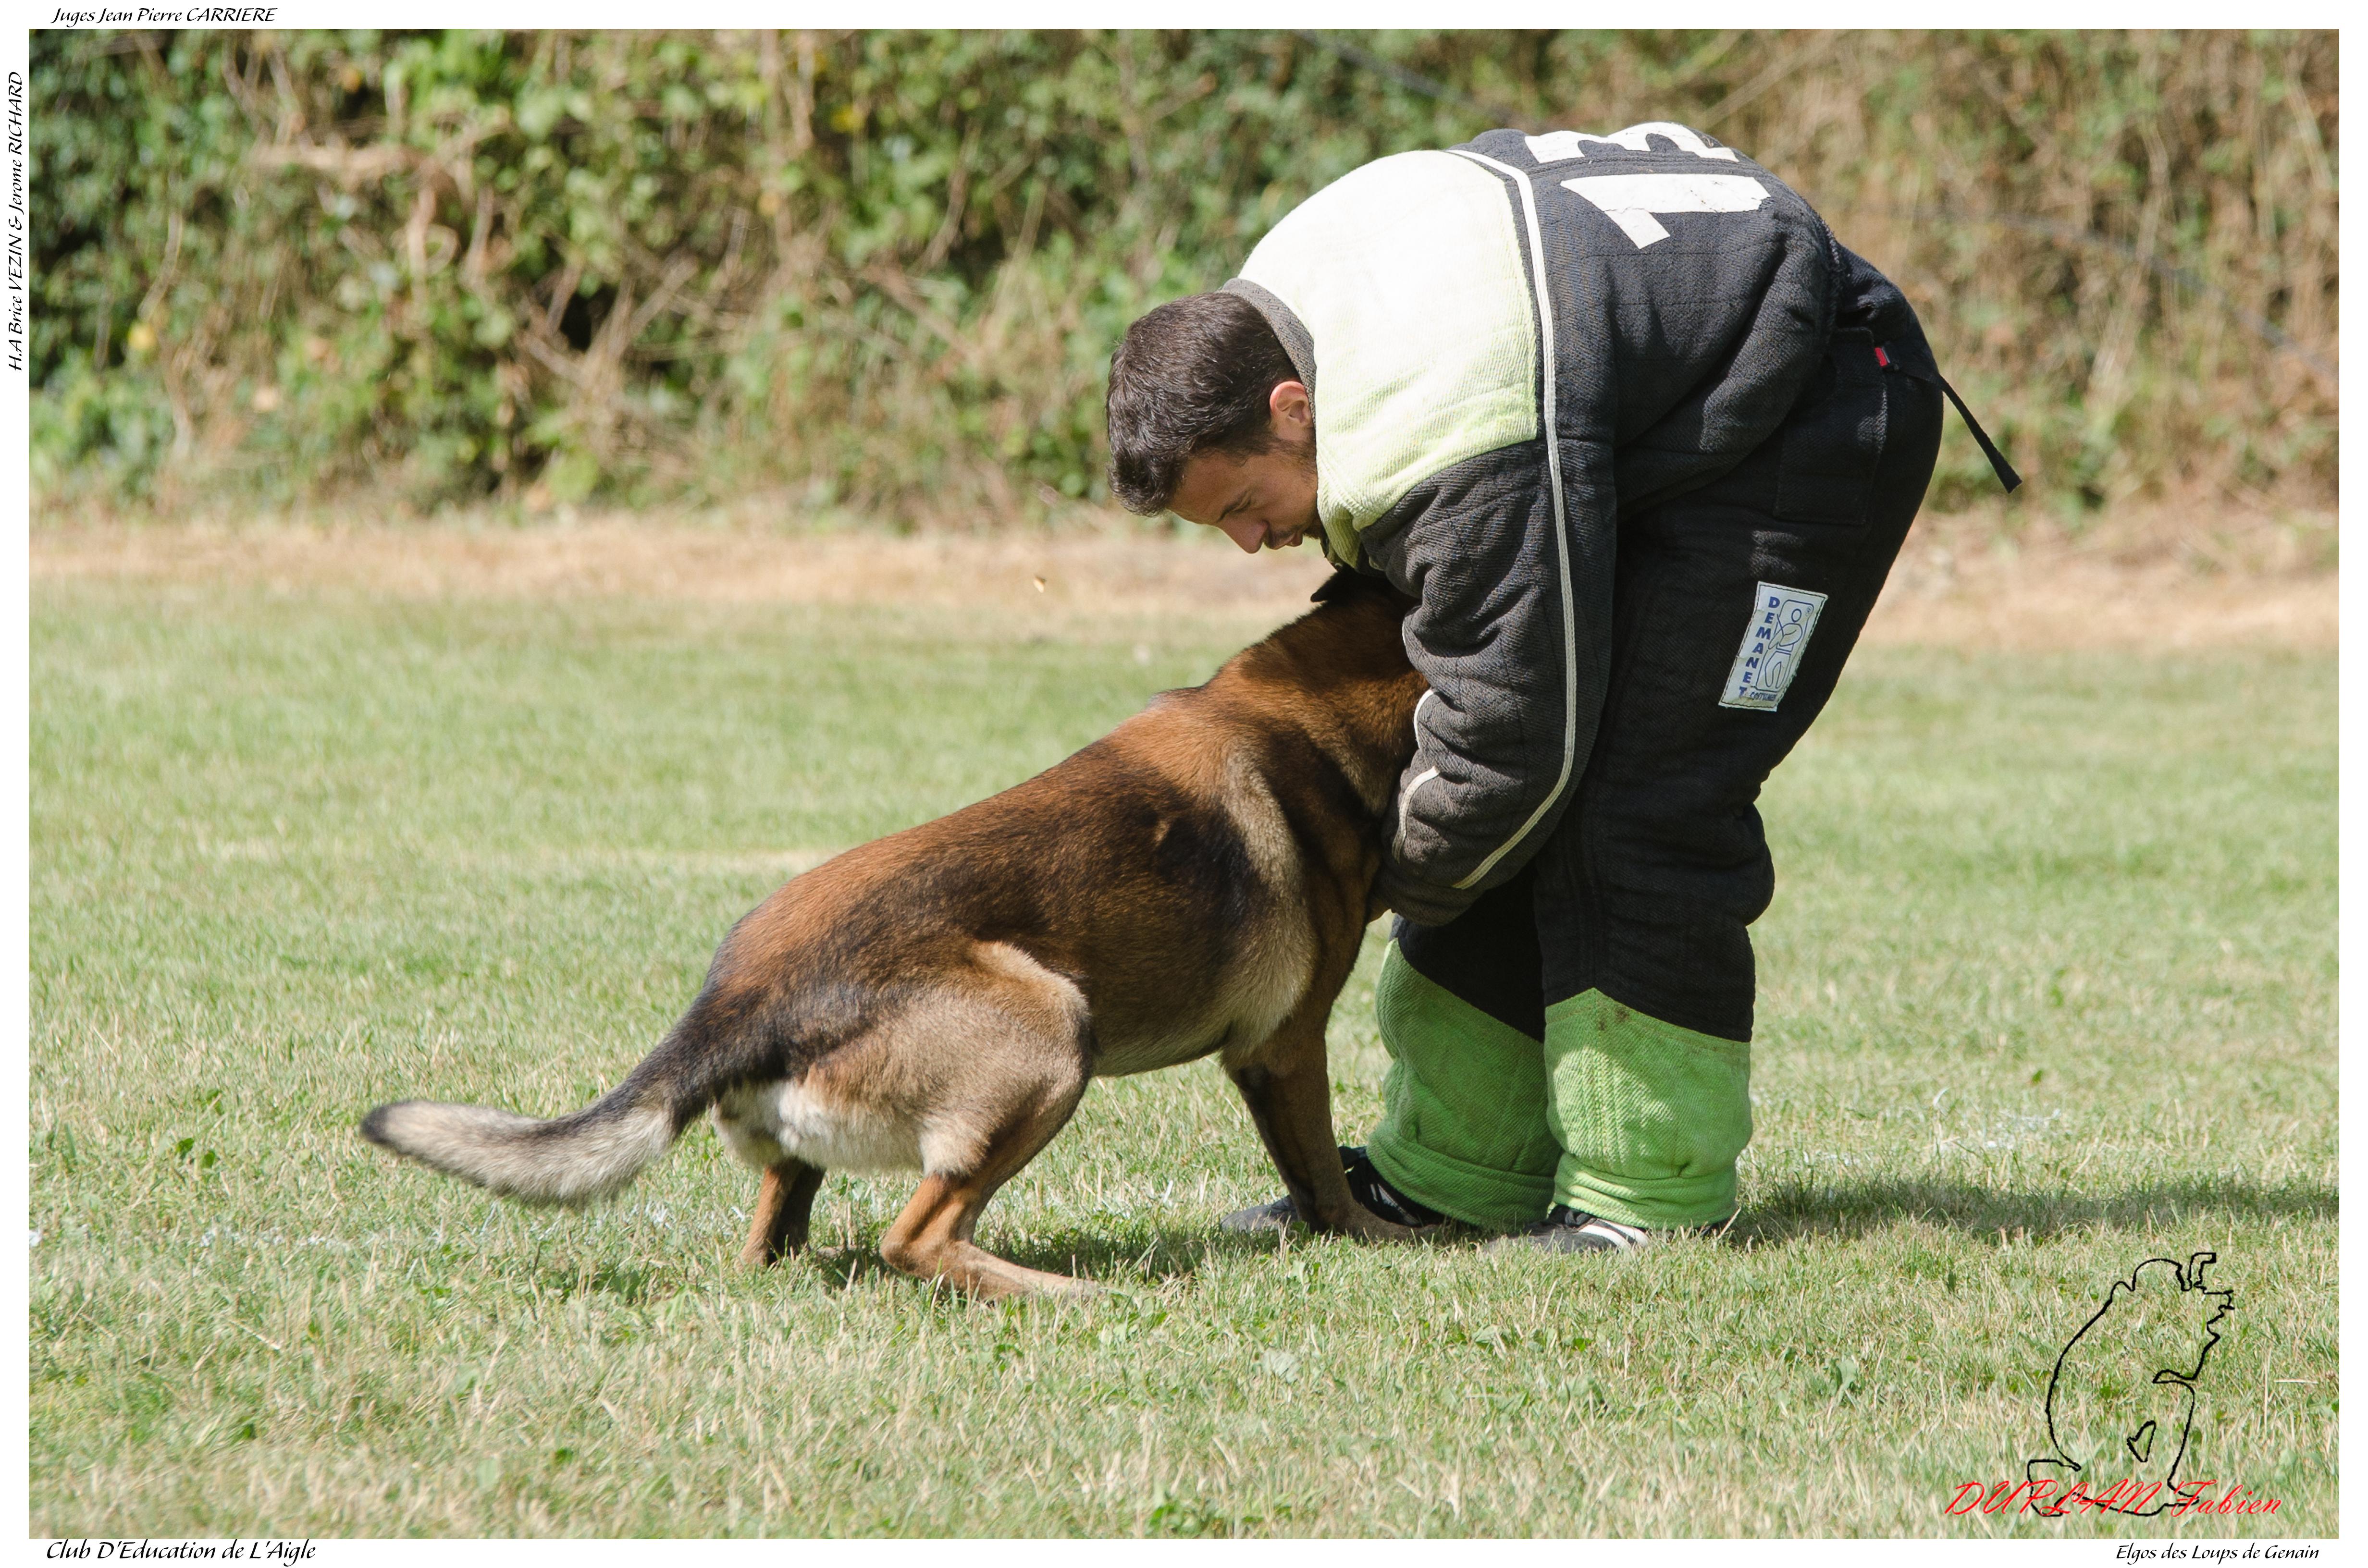 Elgos des Loups de Genain DUPLAN E - -3502, pet, outdoor, dog, animal, HQ Photo